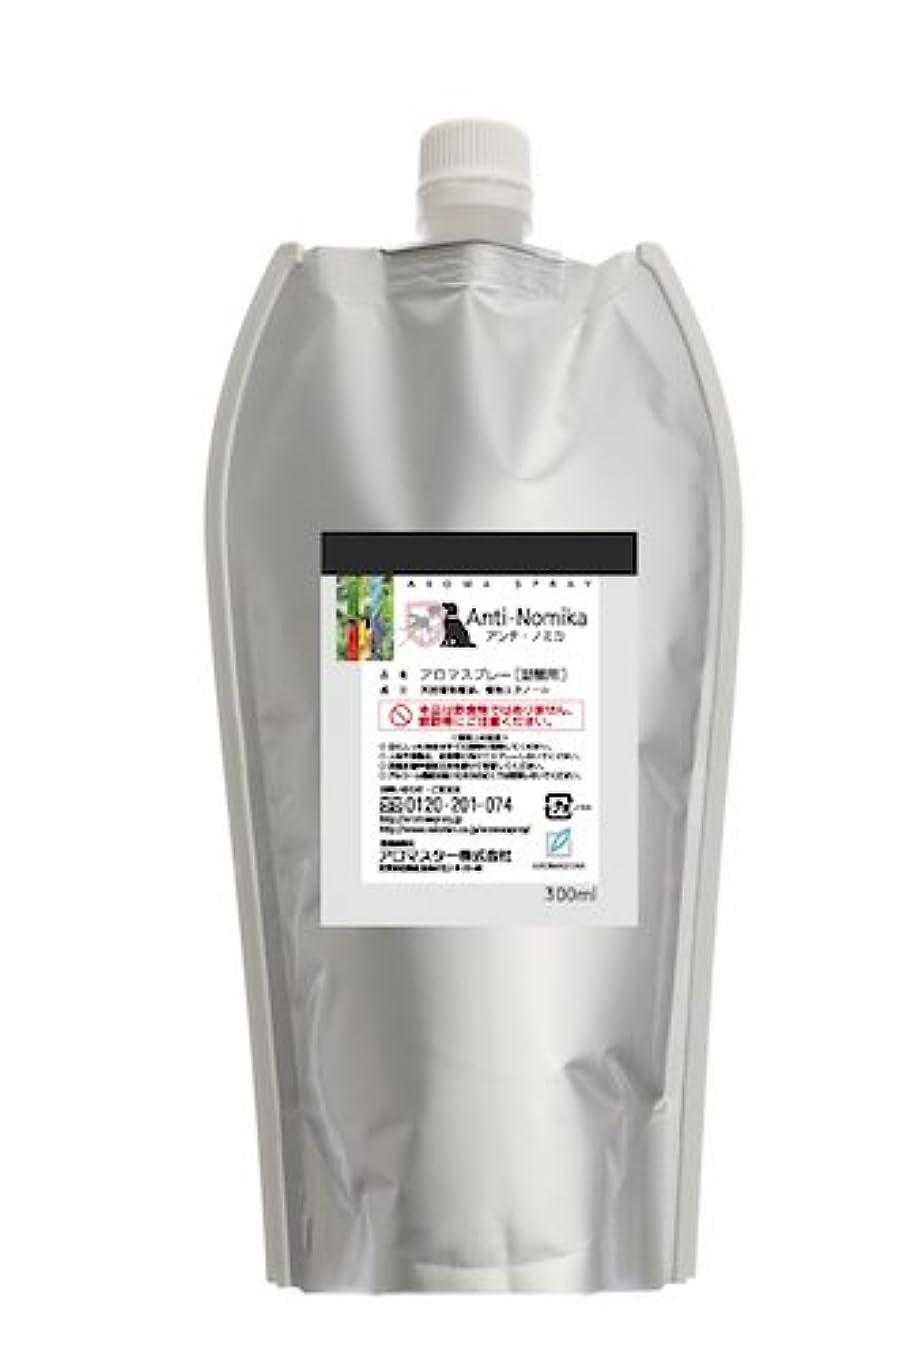 ドラフト復活するビールAROMASTAR(アロマスター) アロマスプレー アンチノミカ 300ml詰替用(エコパック)